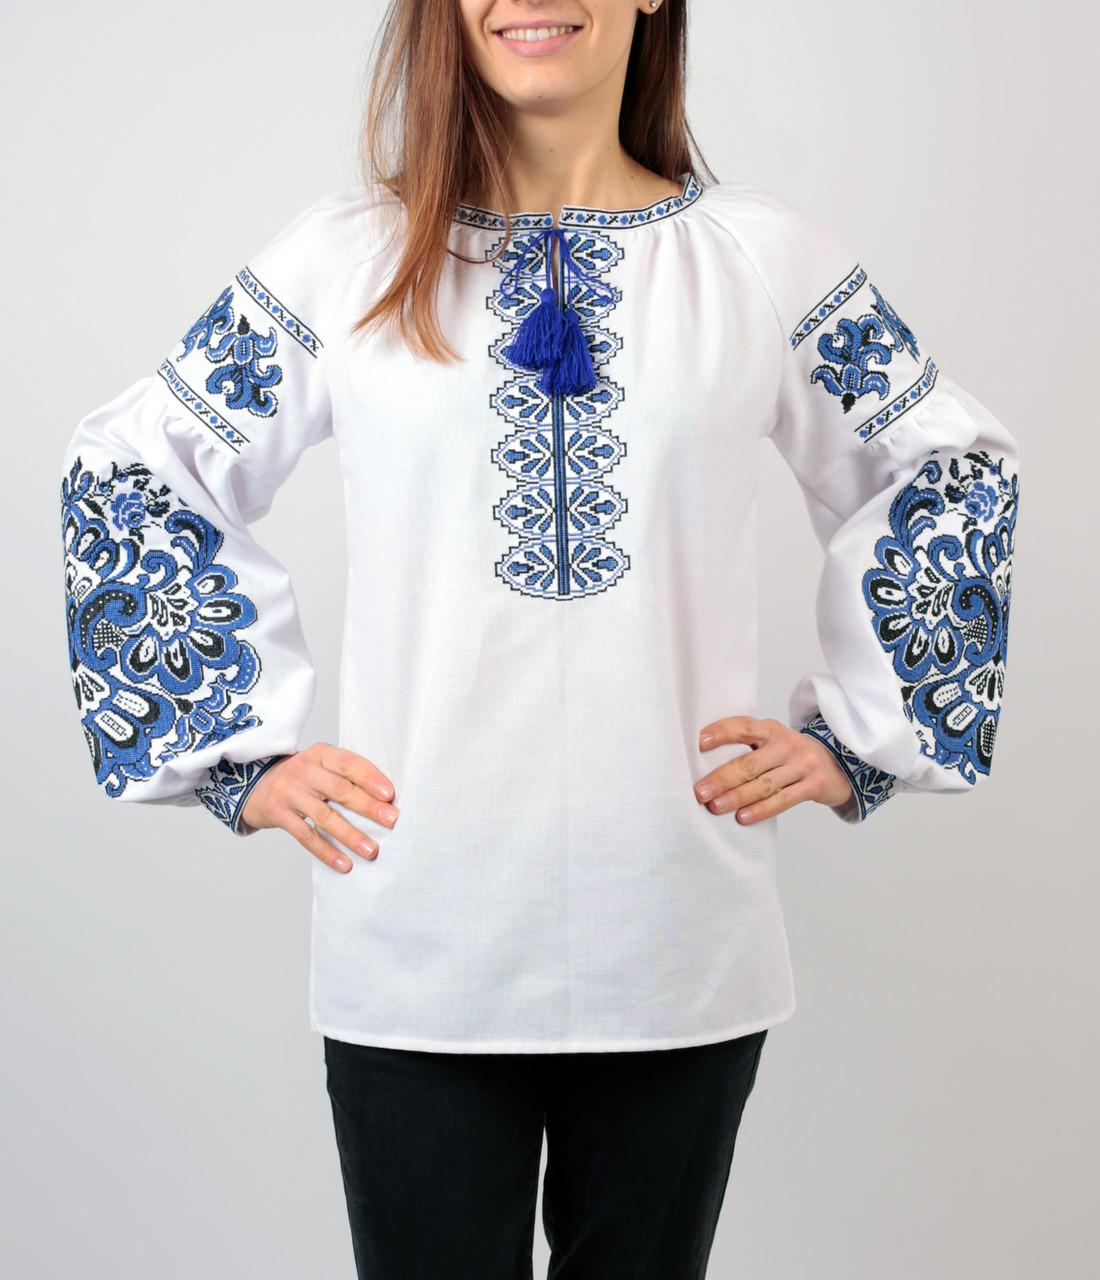 Жіноча вишита сорочка білого кольору з машинною вишивкою  продажа ... d4b3d2ed729c2